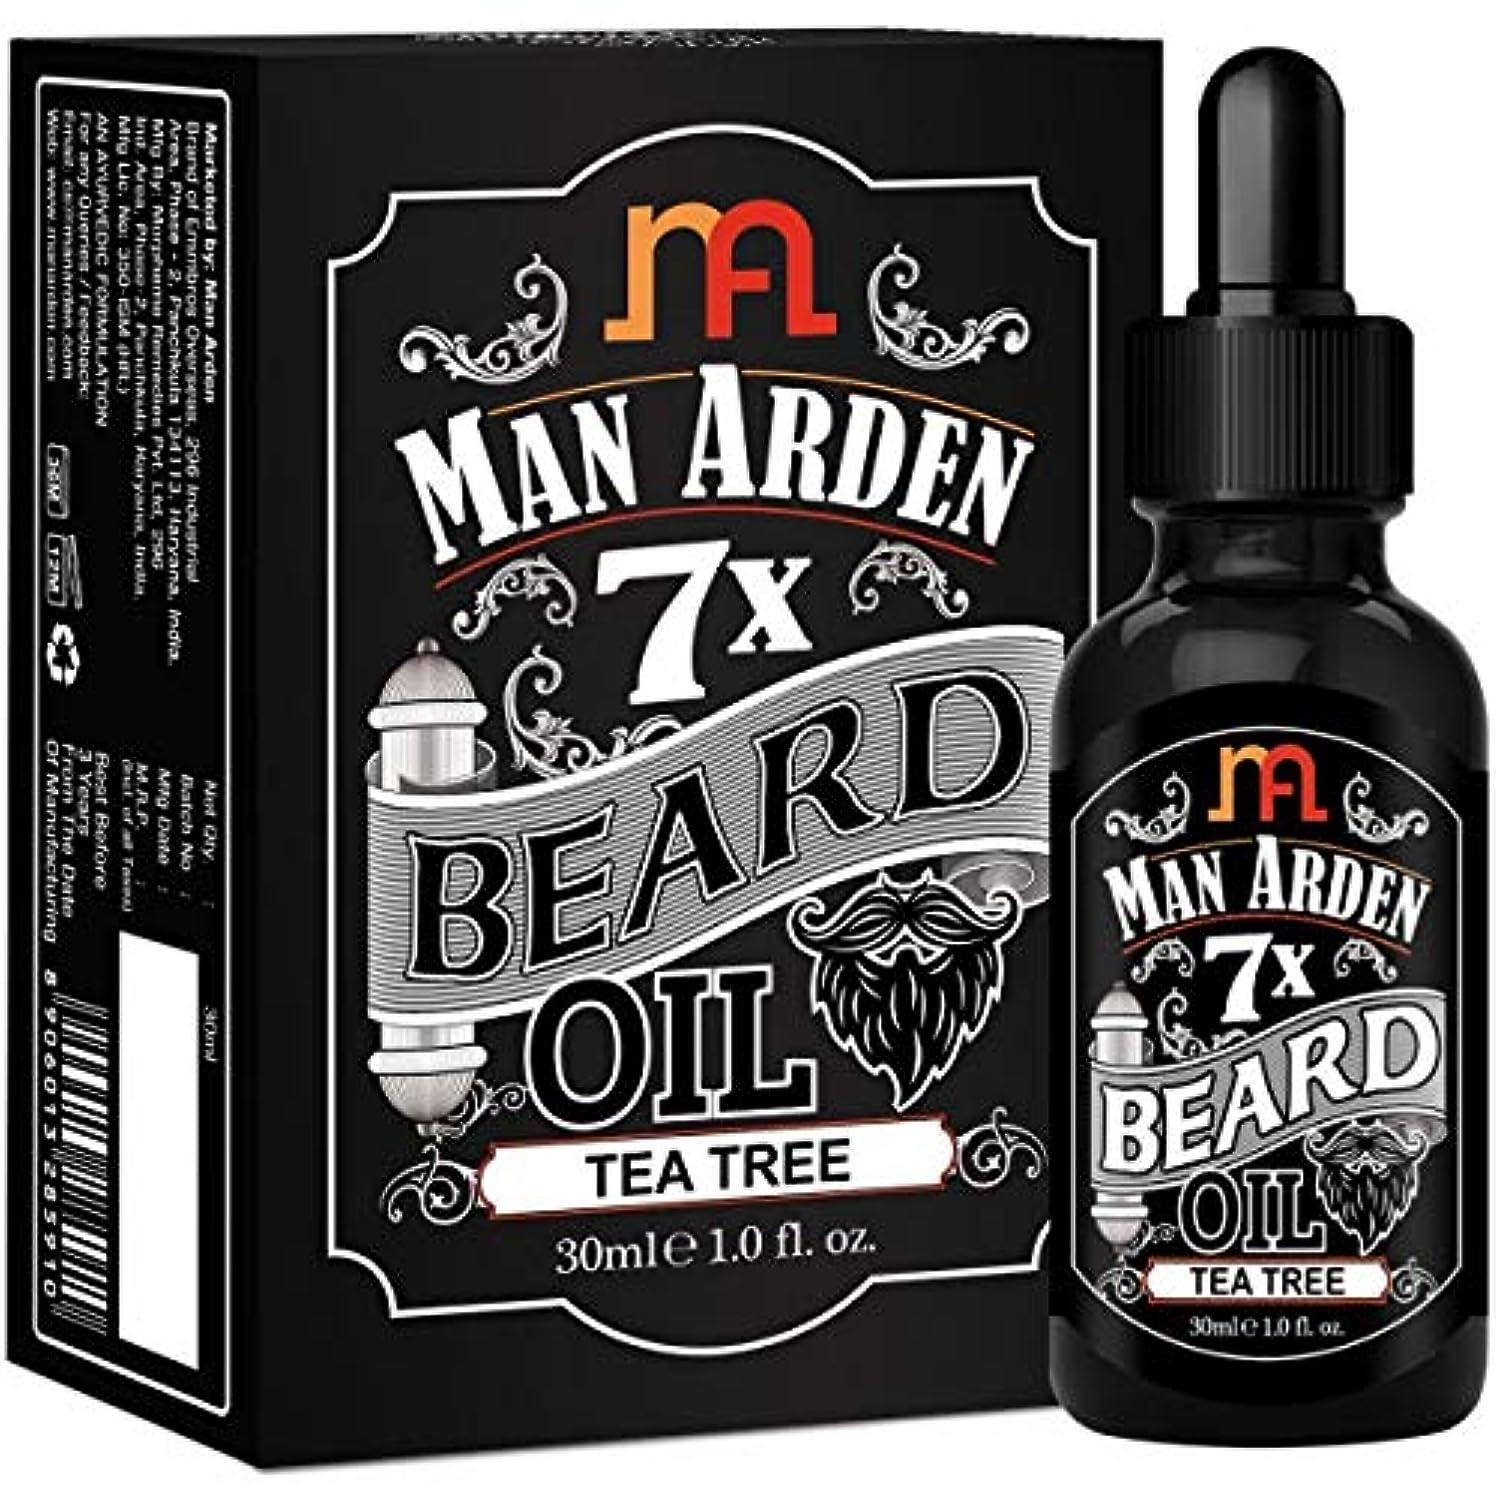 分散パーツもろいMan Arden 7X Beard Oil 30ml (Tea Tree) - 7 Premium Oils Blend For Beard Growth & Nourishment